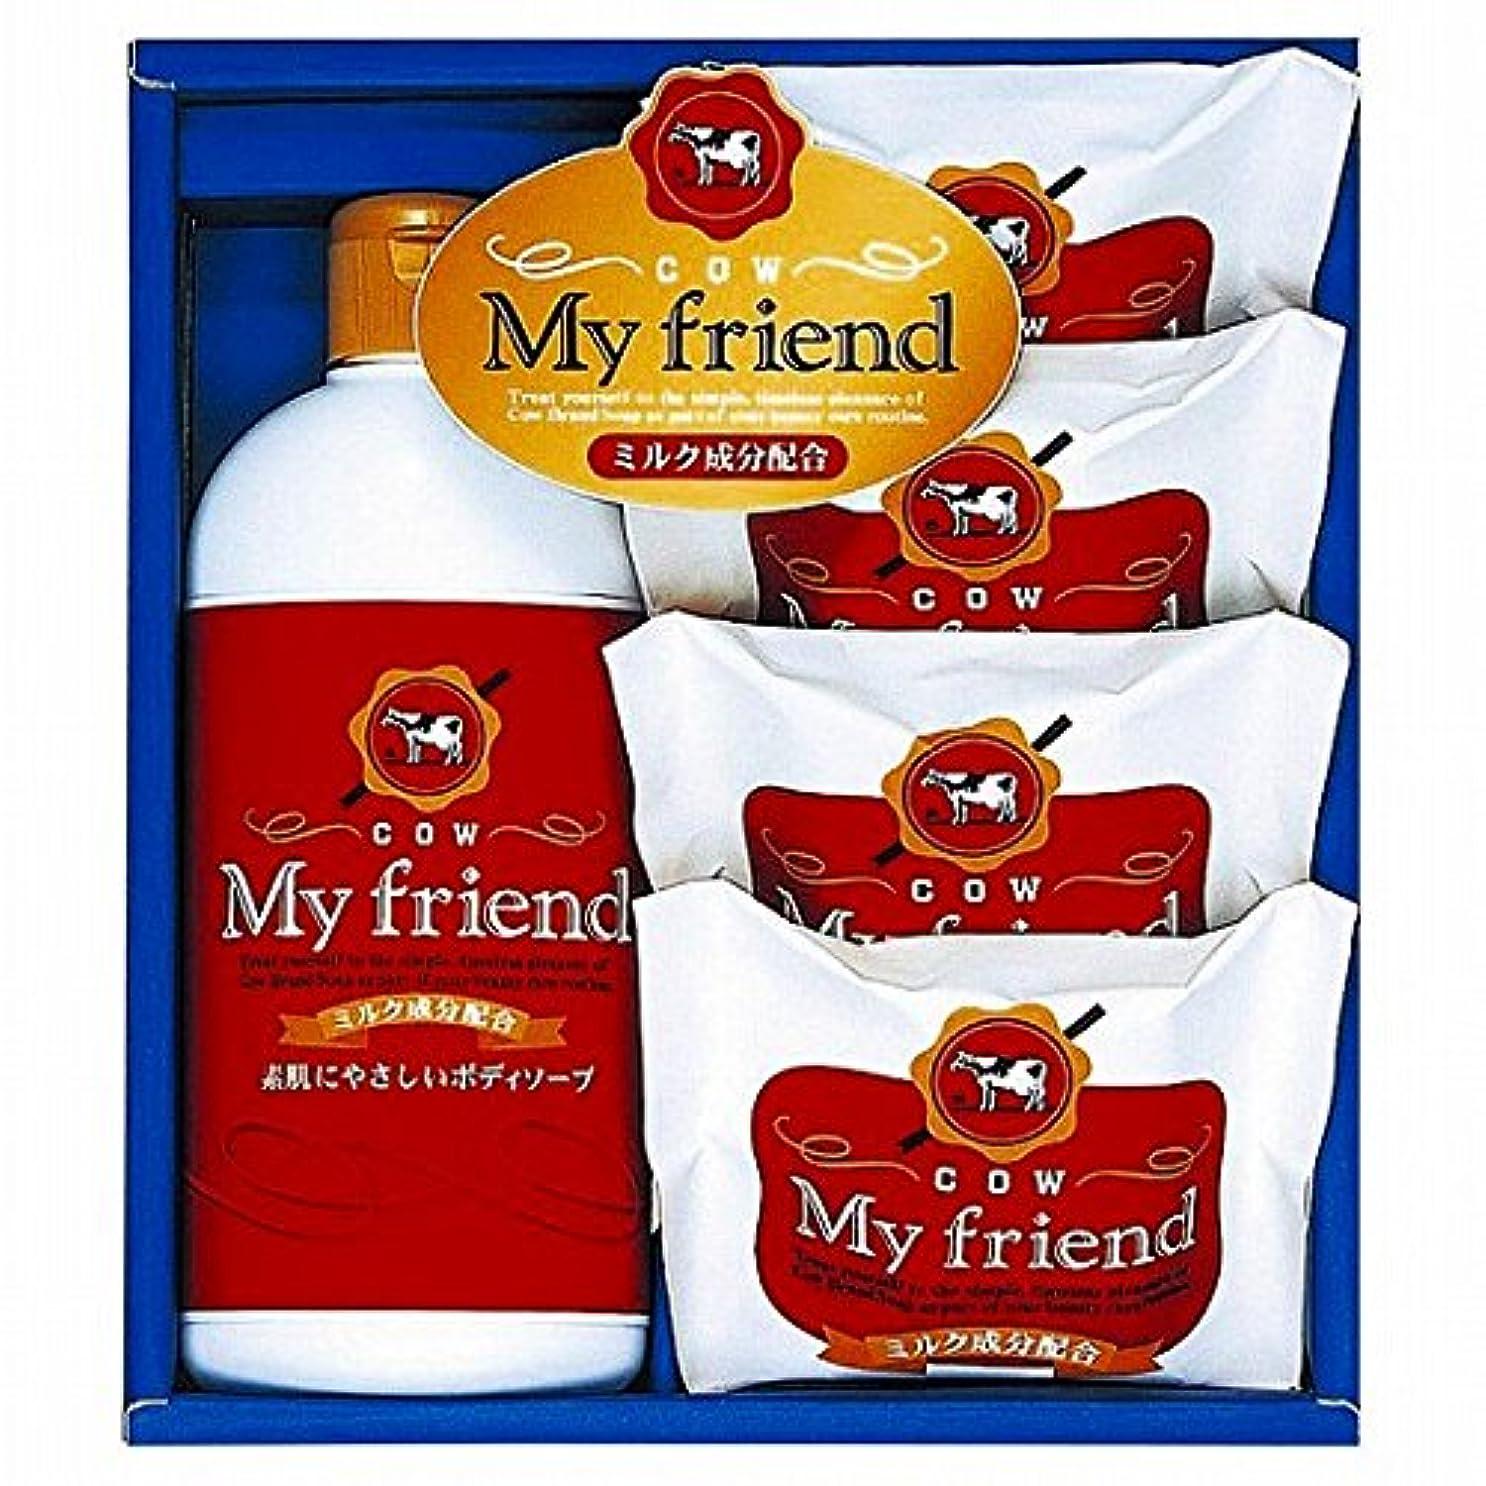 定刻教養があるお祝いnobrand 牛乳石鹸 マイフレンドボディソープセット (21940007)